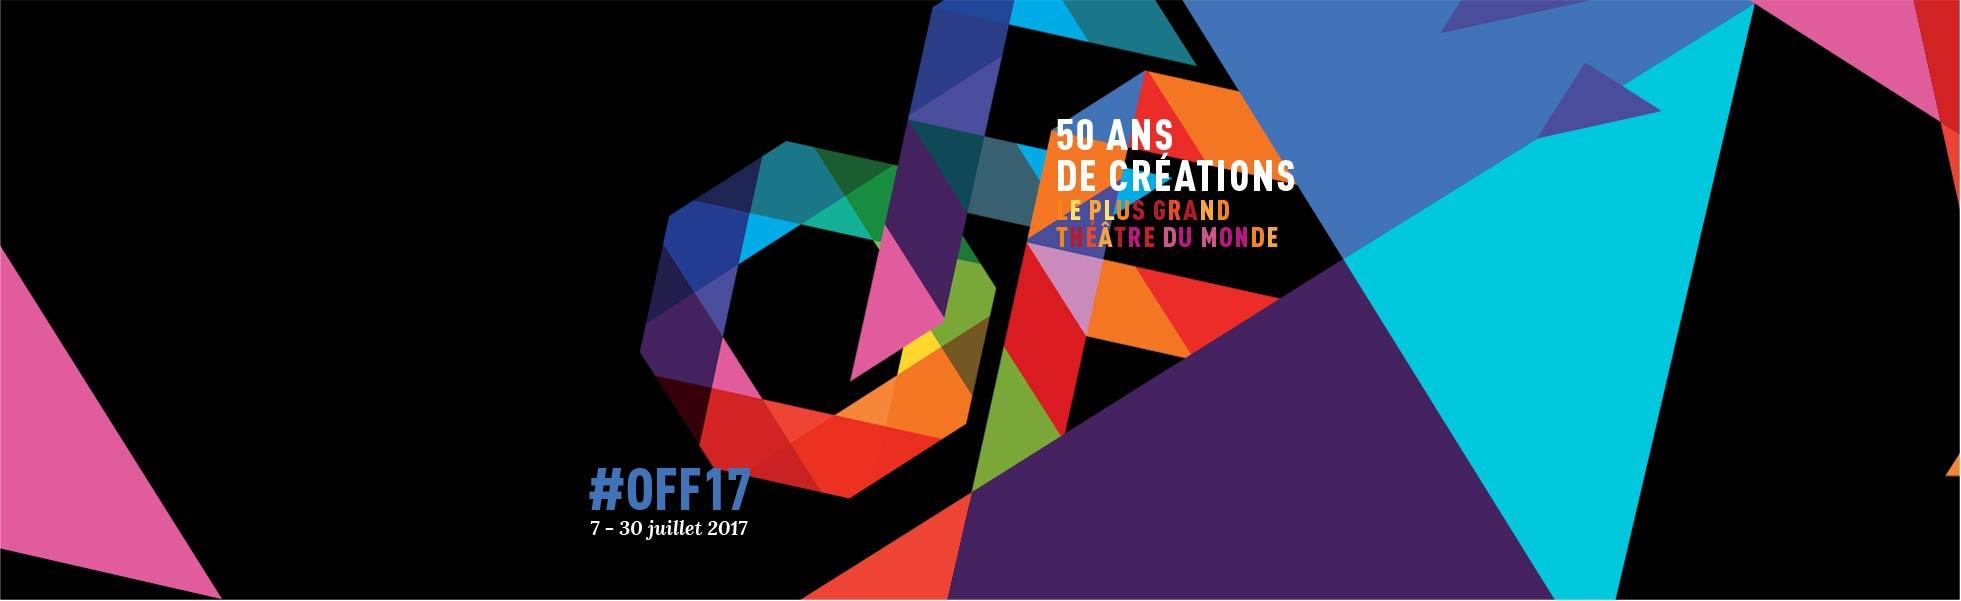 Festival Off 2017 : du 7 au 30 juillet